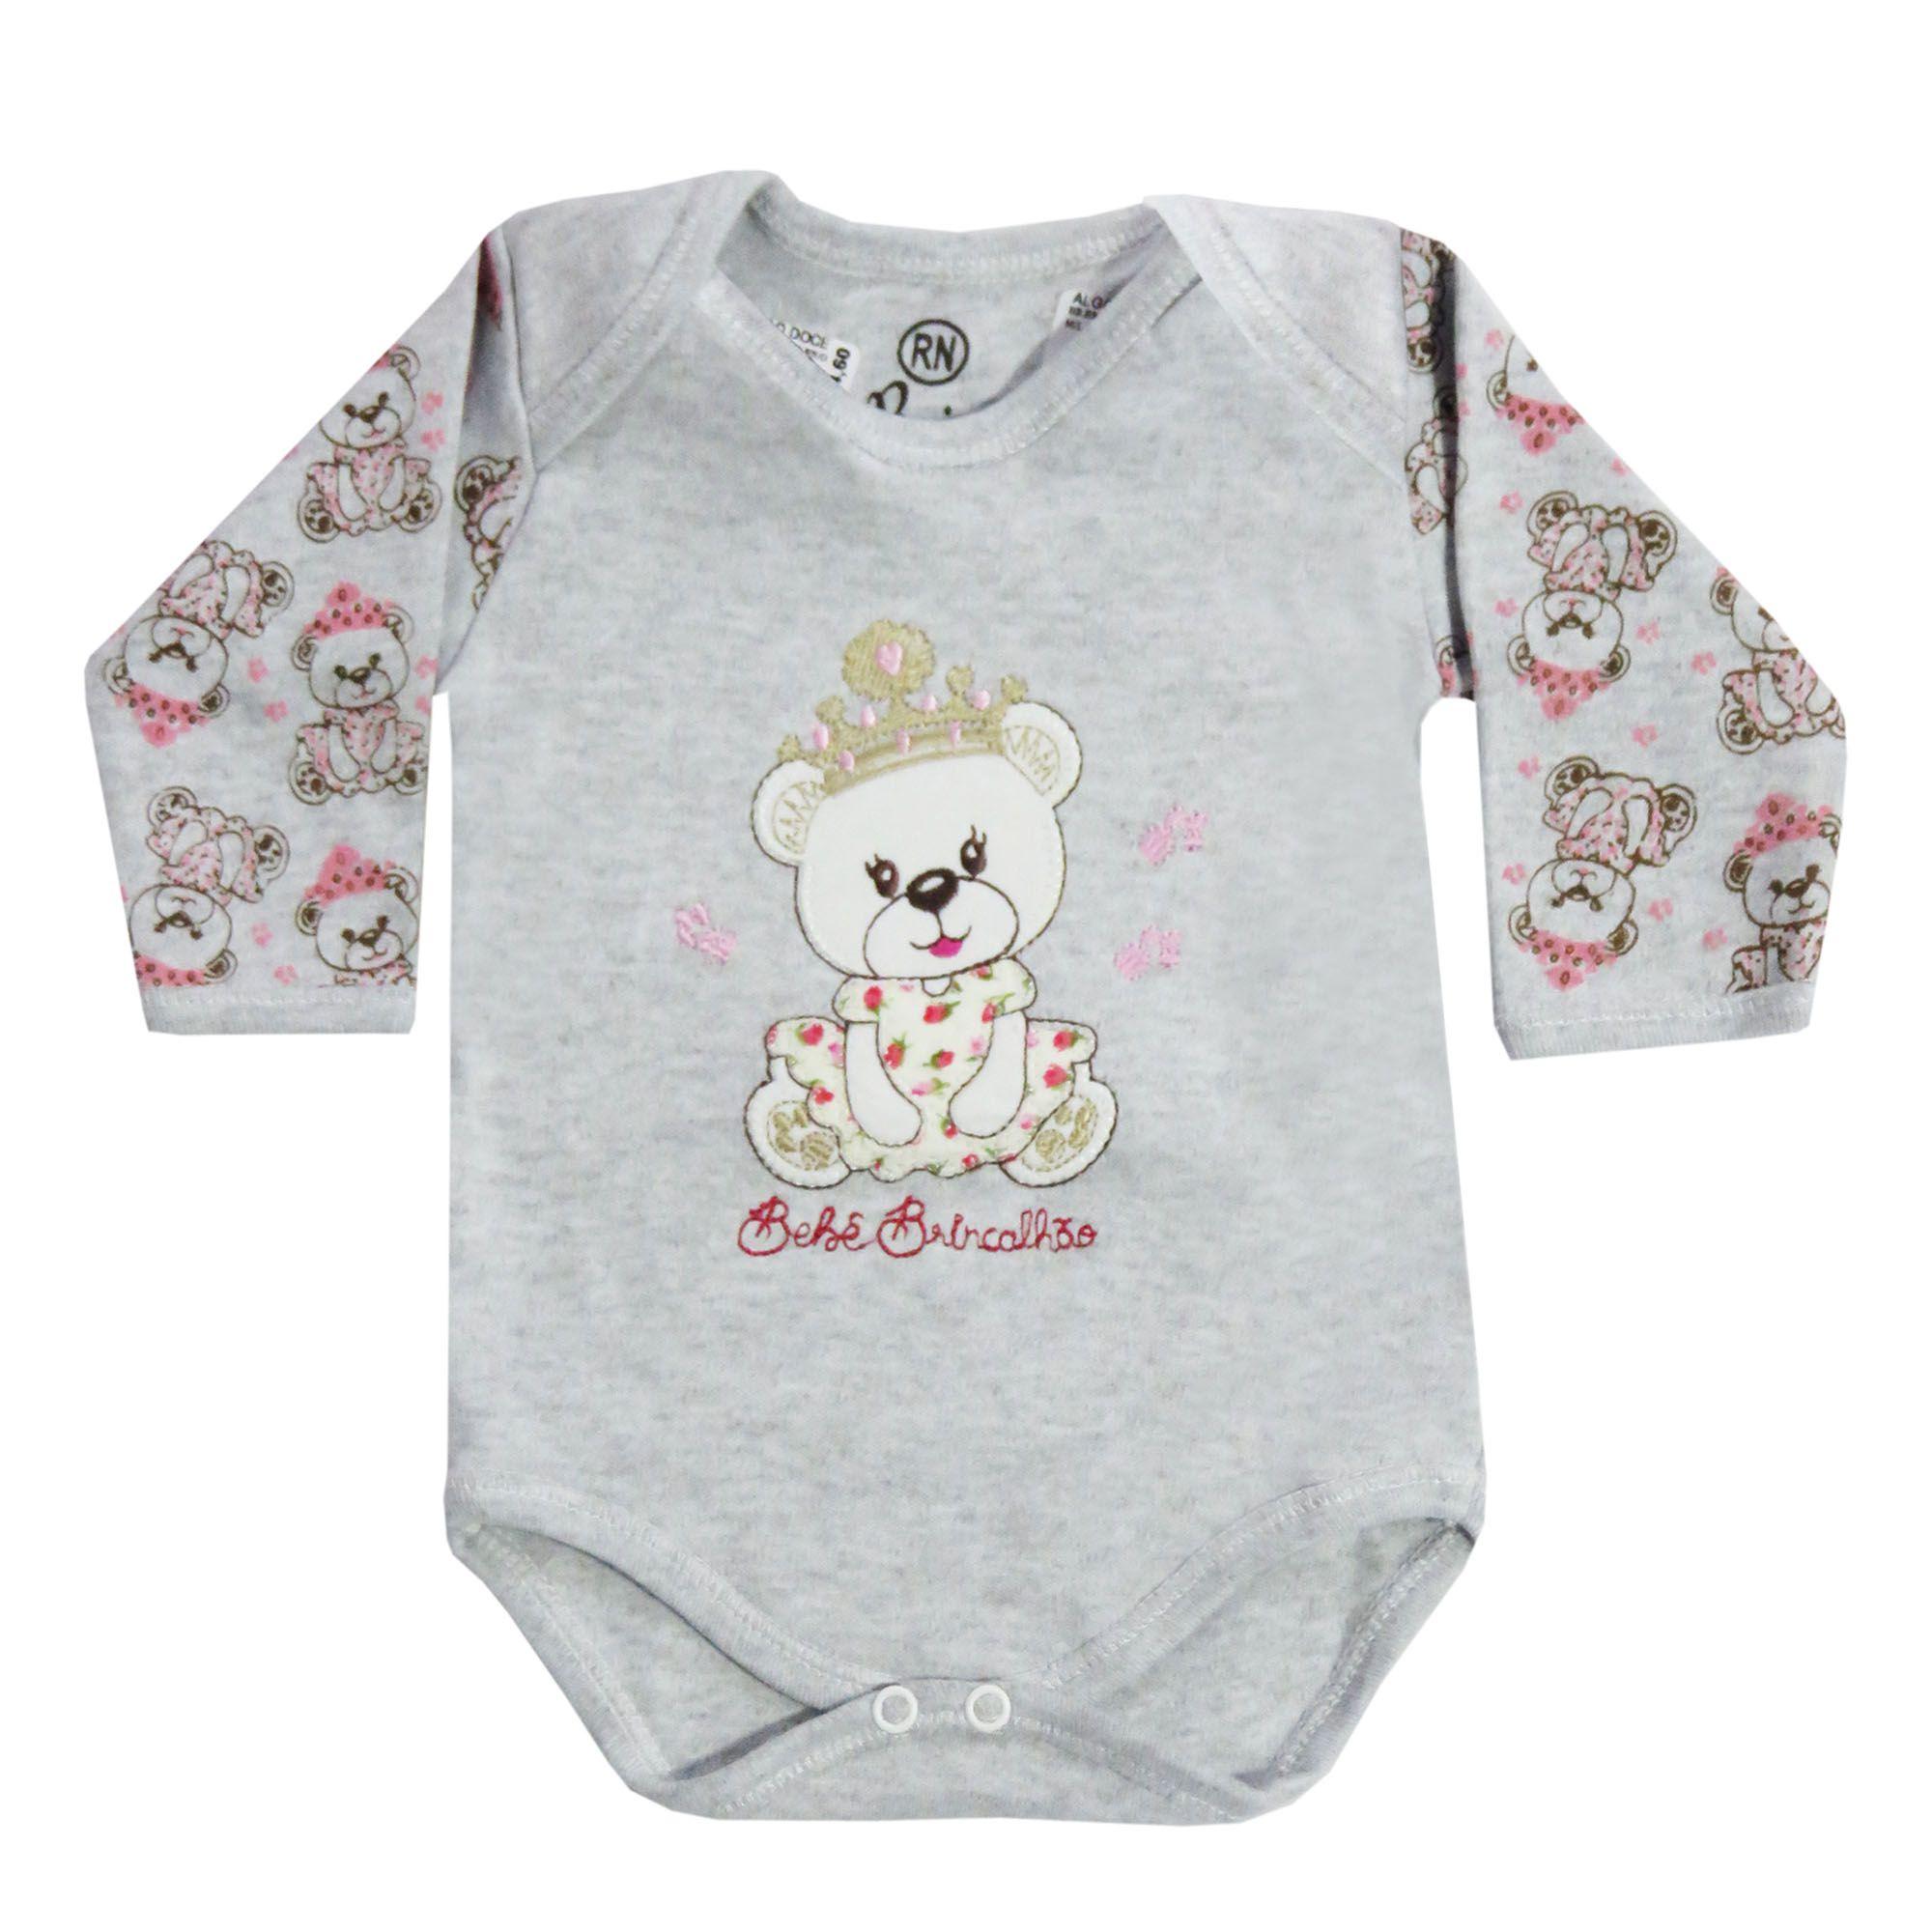 Body Manga Longa Bebê Brincalhão Bordado Ursa com Coroa - RN ao G